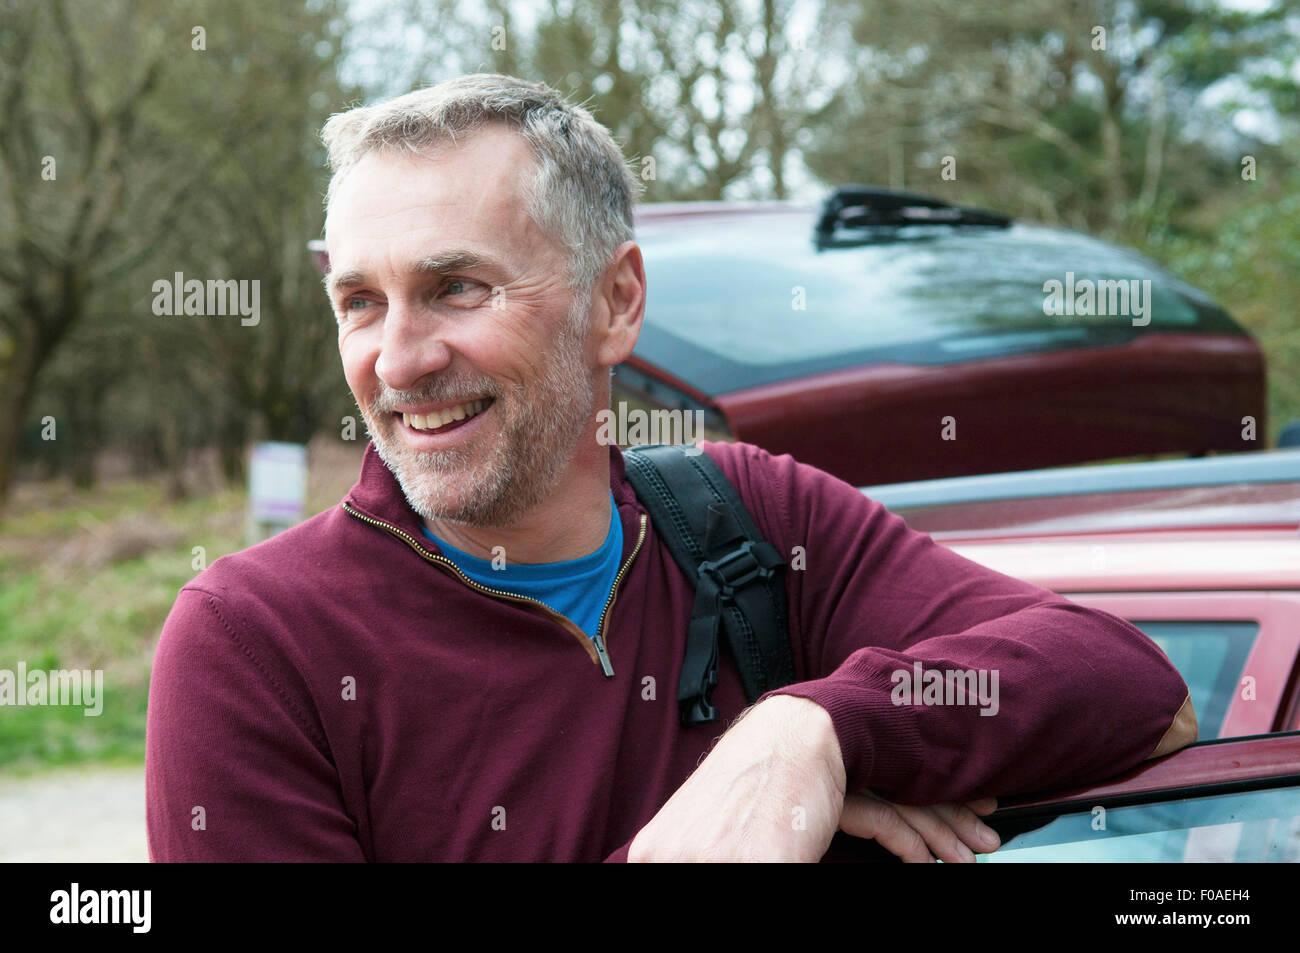 Ritratto di escursionista maschio appoggiata contro la portiera della macchina Immagini Stock